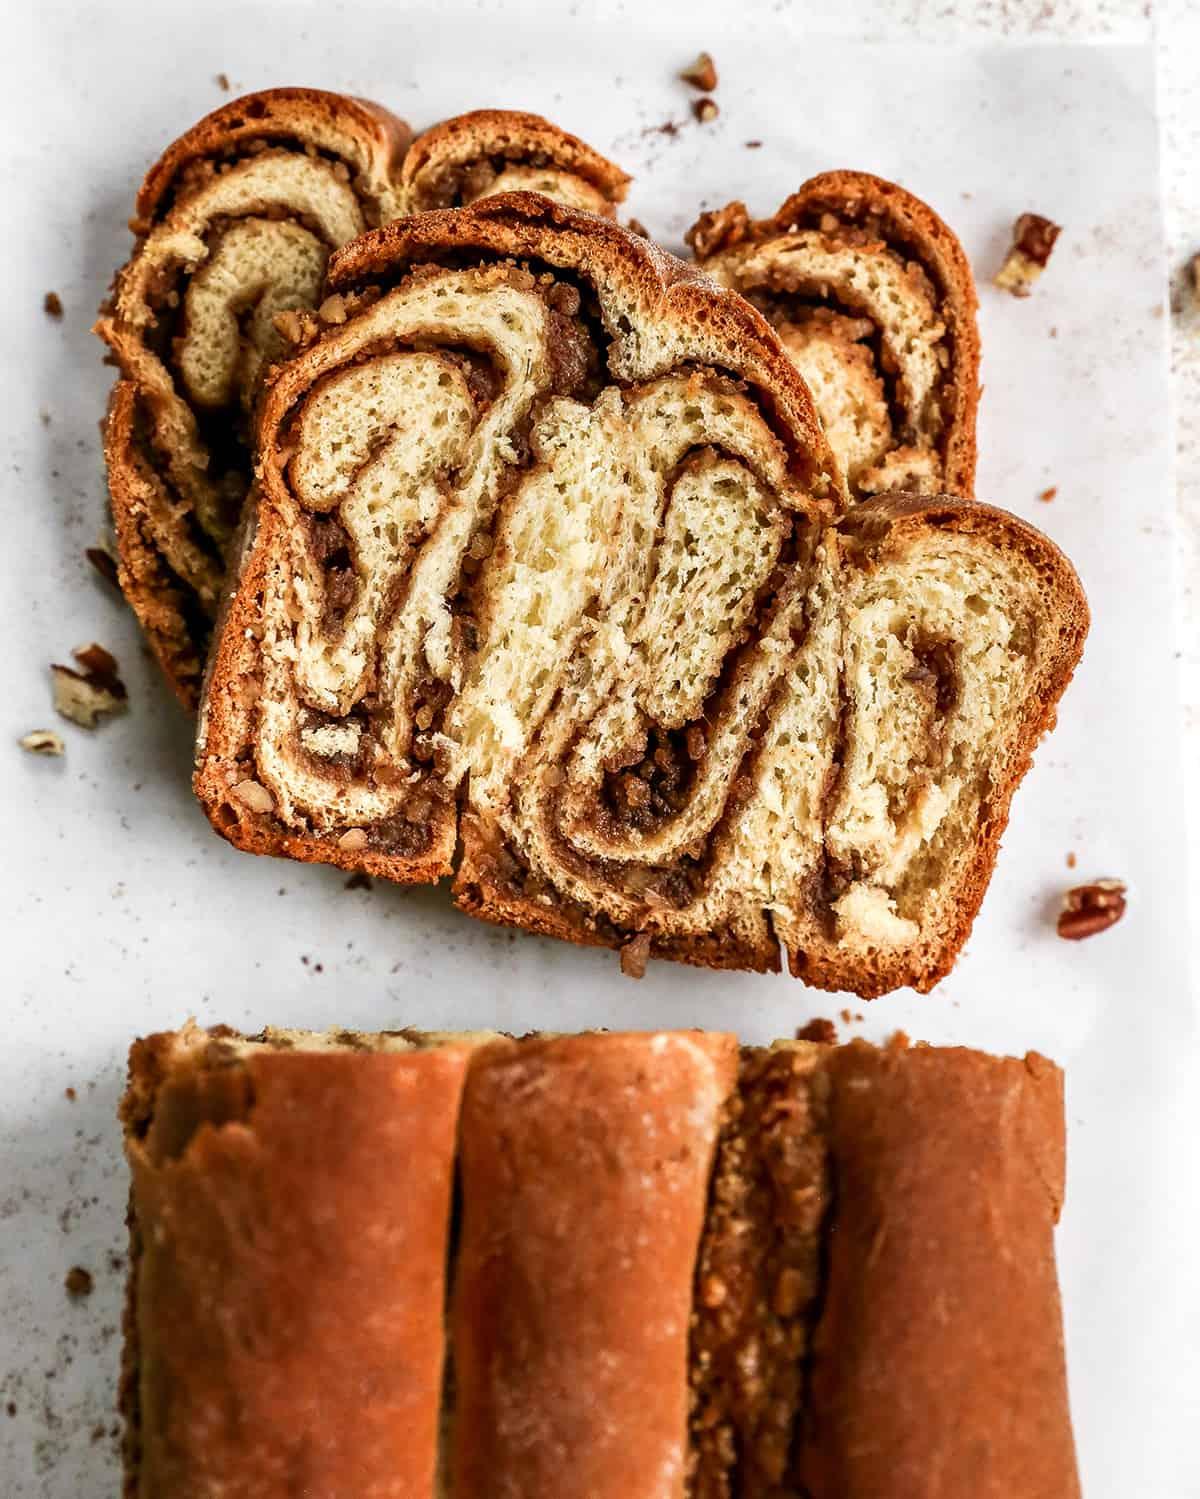 overhead photo of two slices of povitica bread